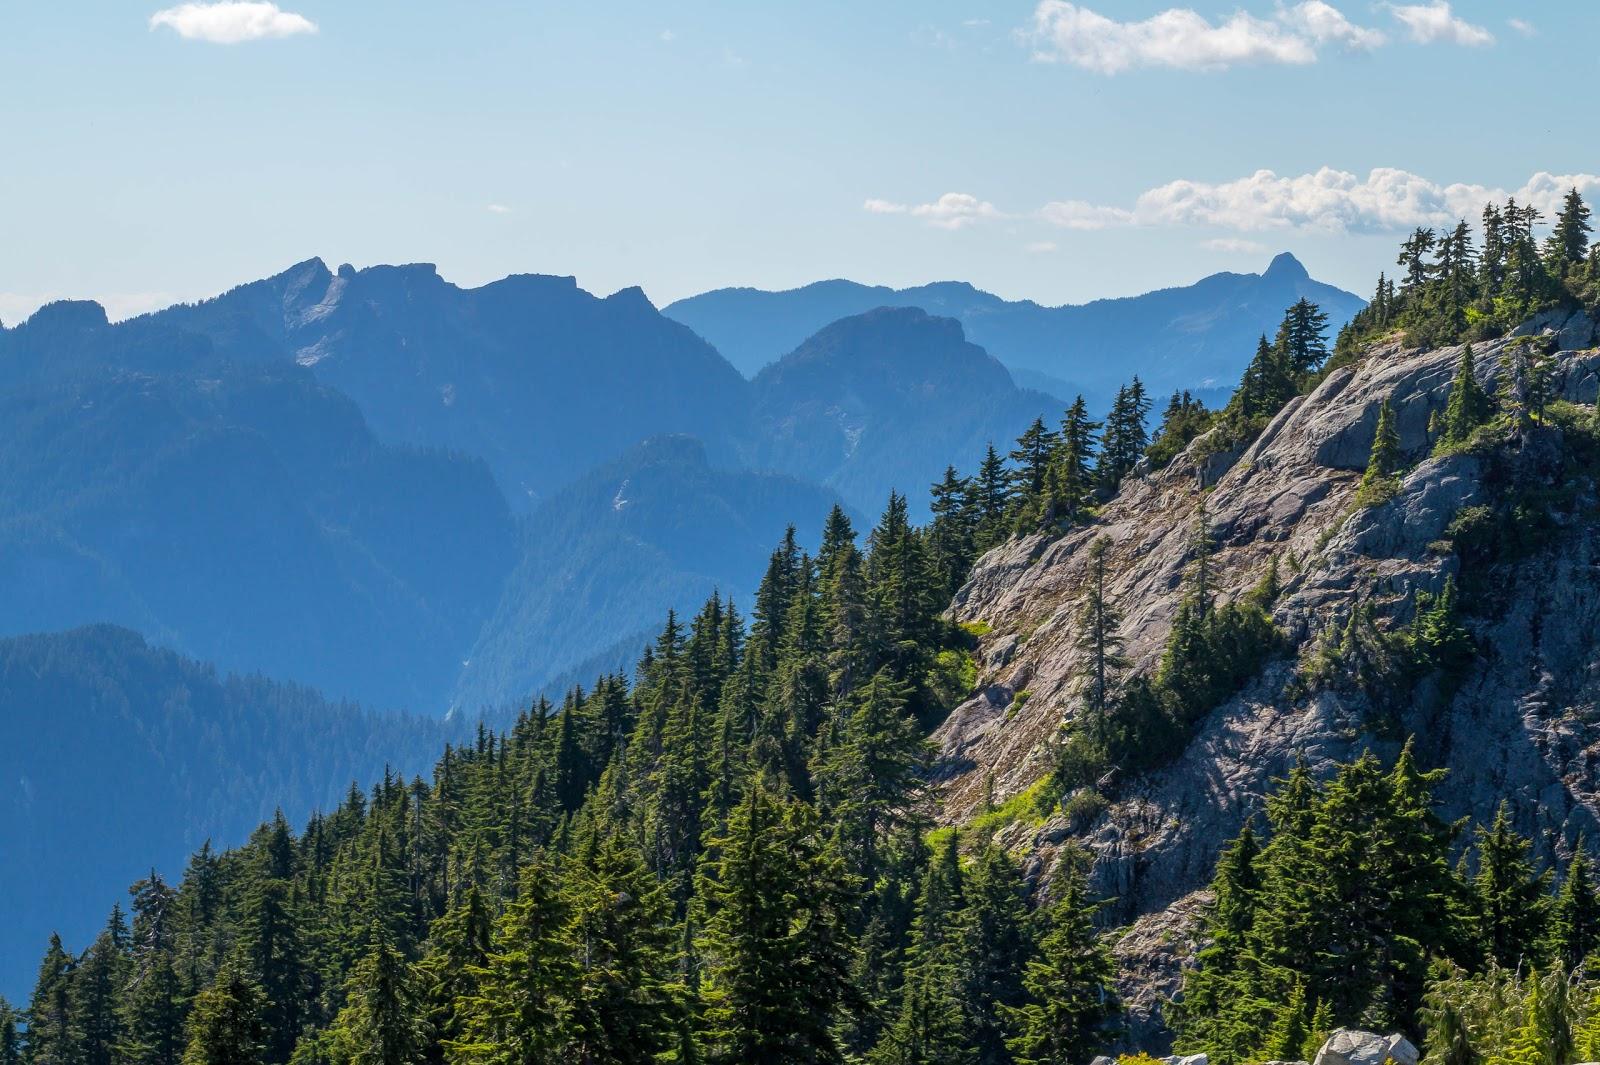 С другой стороны вид на вершины гор прибрежного хребта.